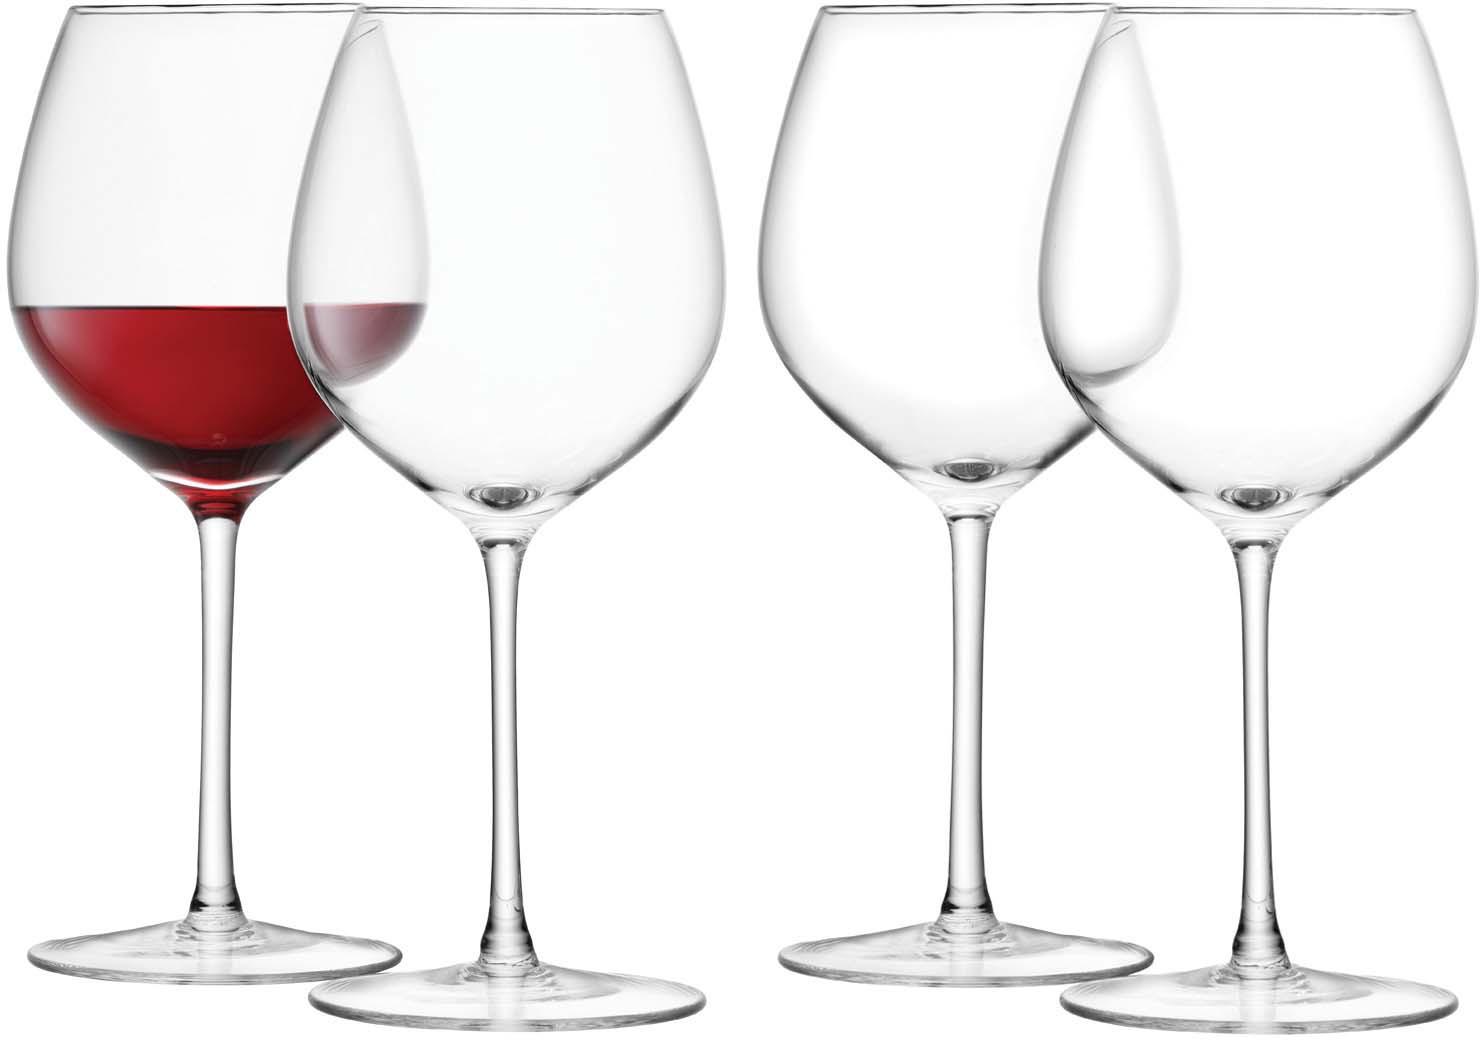 Набор бокалов для красного вина LSA Wine, 400 мл, 4 шт набор для вина wine time 4115806 5 предметов